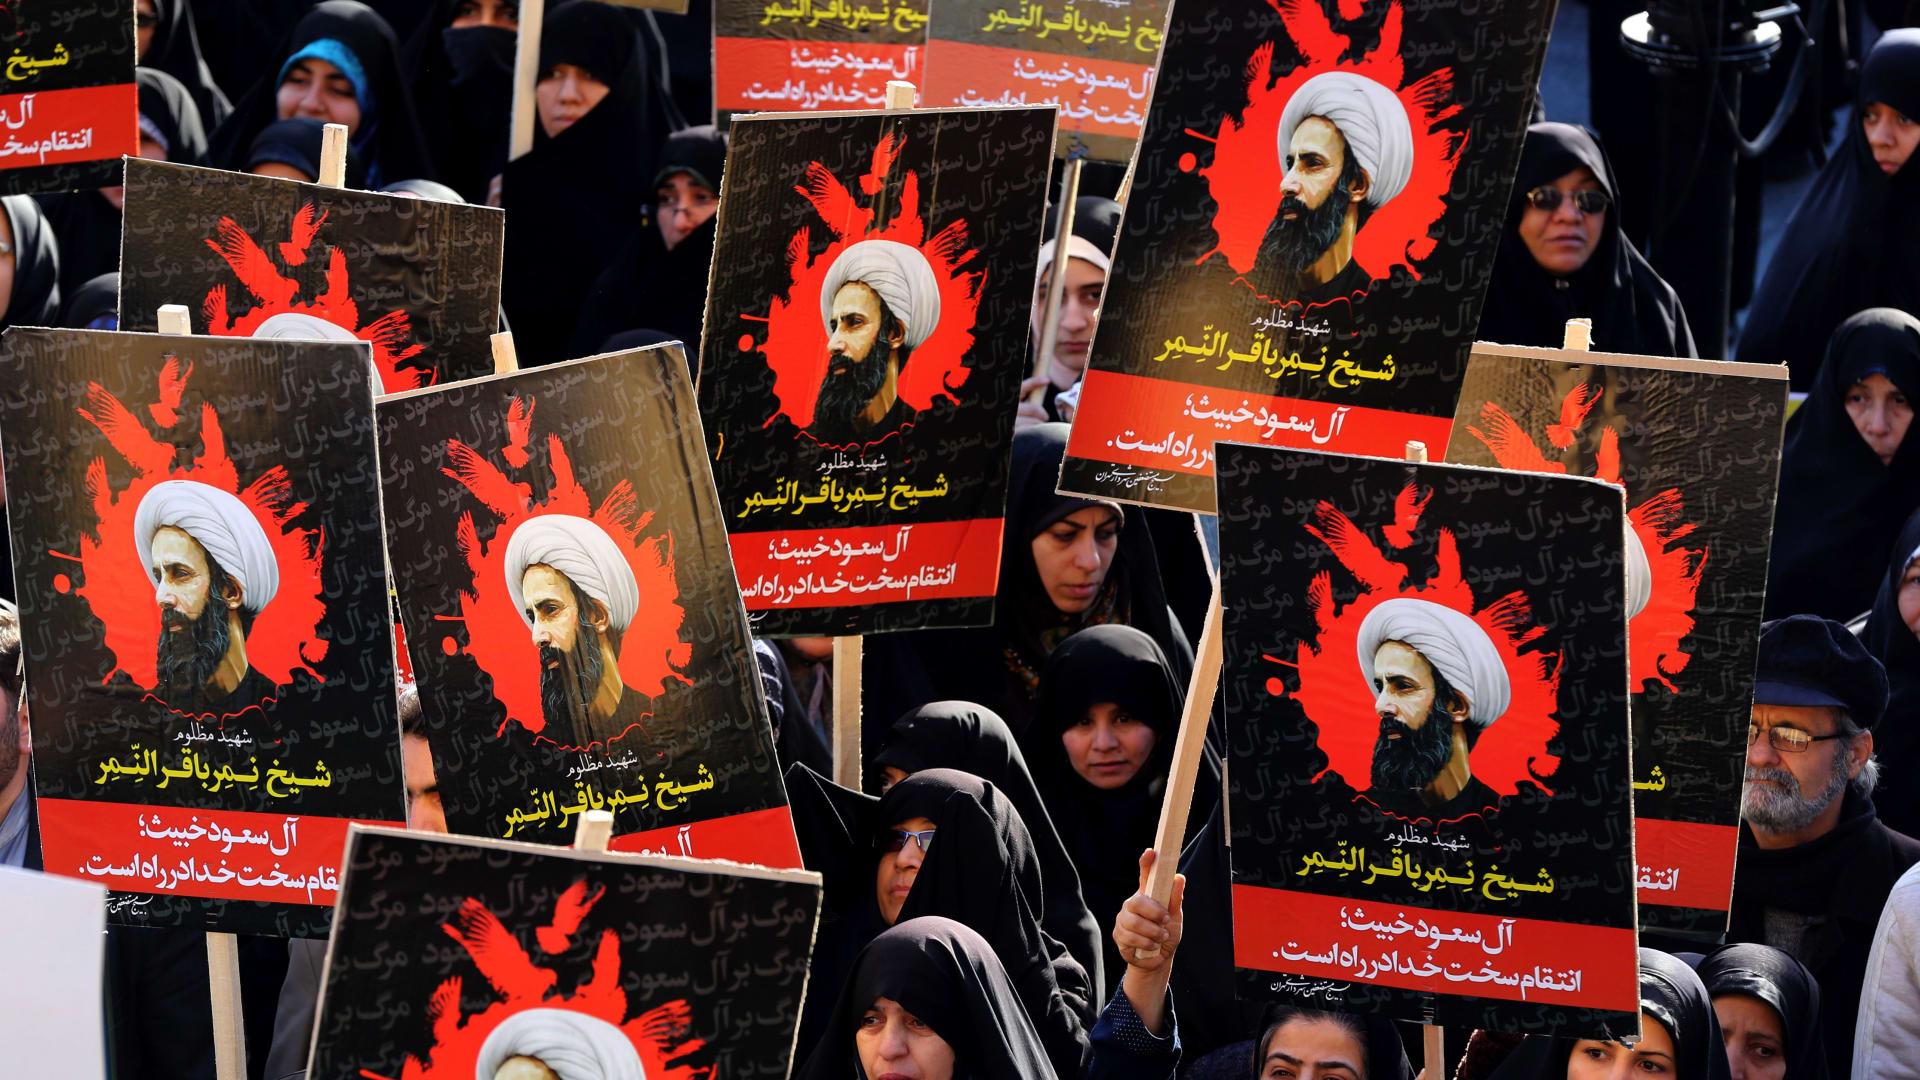 """تيم ليستر لـCNN: النمر لم يكن ضمن """"نخبة"""" رجال الدين الشيعة بالسعودية والطائفة منقسمة حوله.. لكن نفوذه بعد إعدامه بات أكبر"""